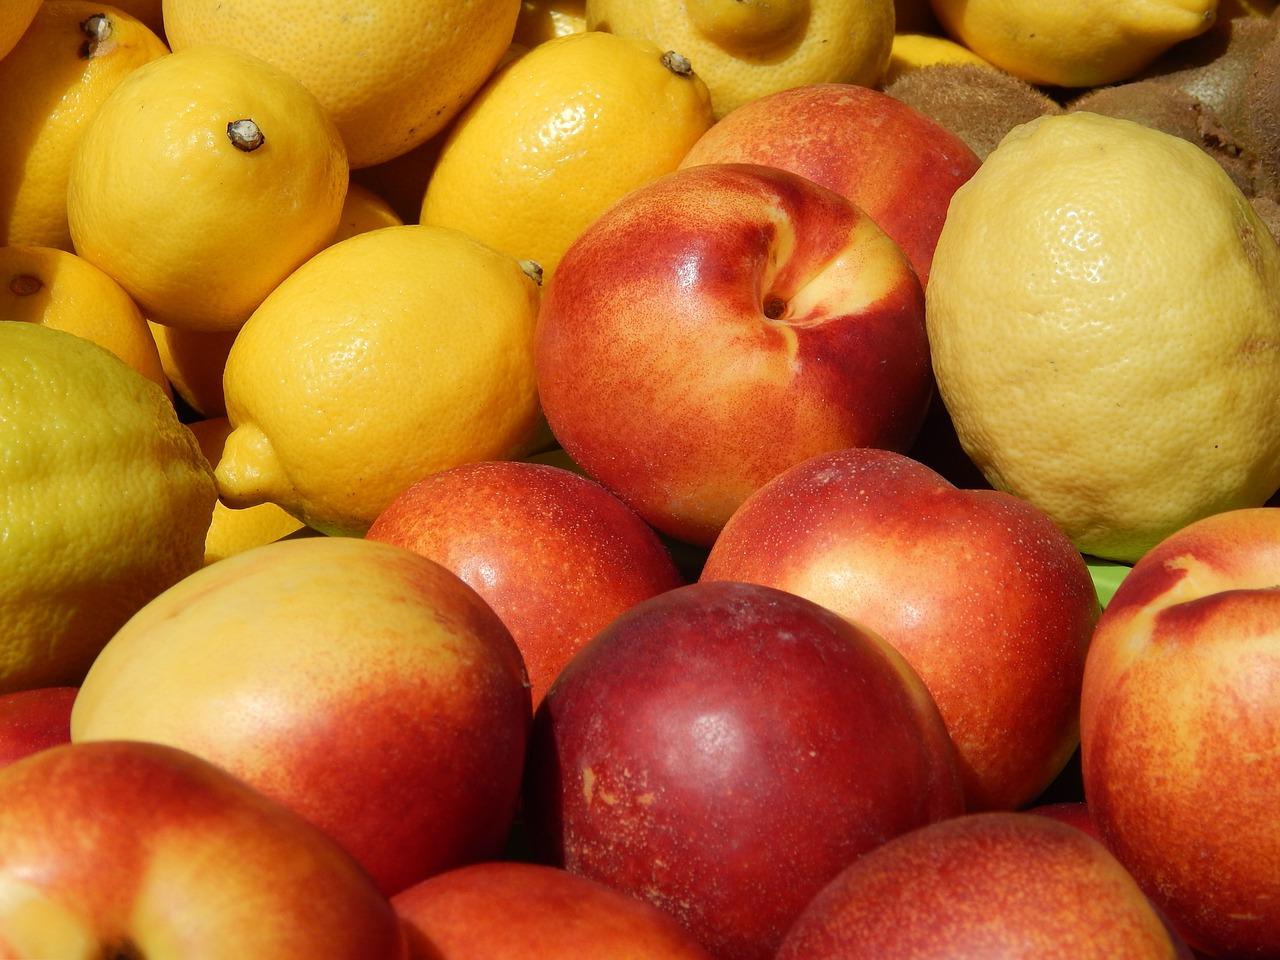 Recette bébé dès 6 mois : Purée maison nectarine, banane et citron